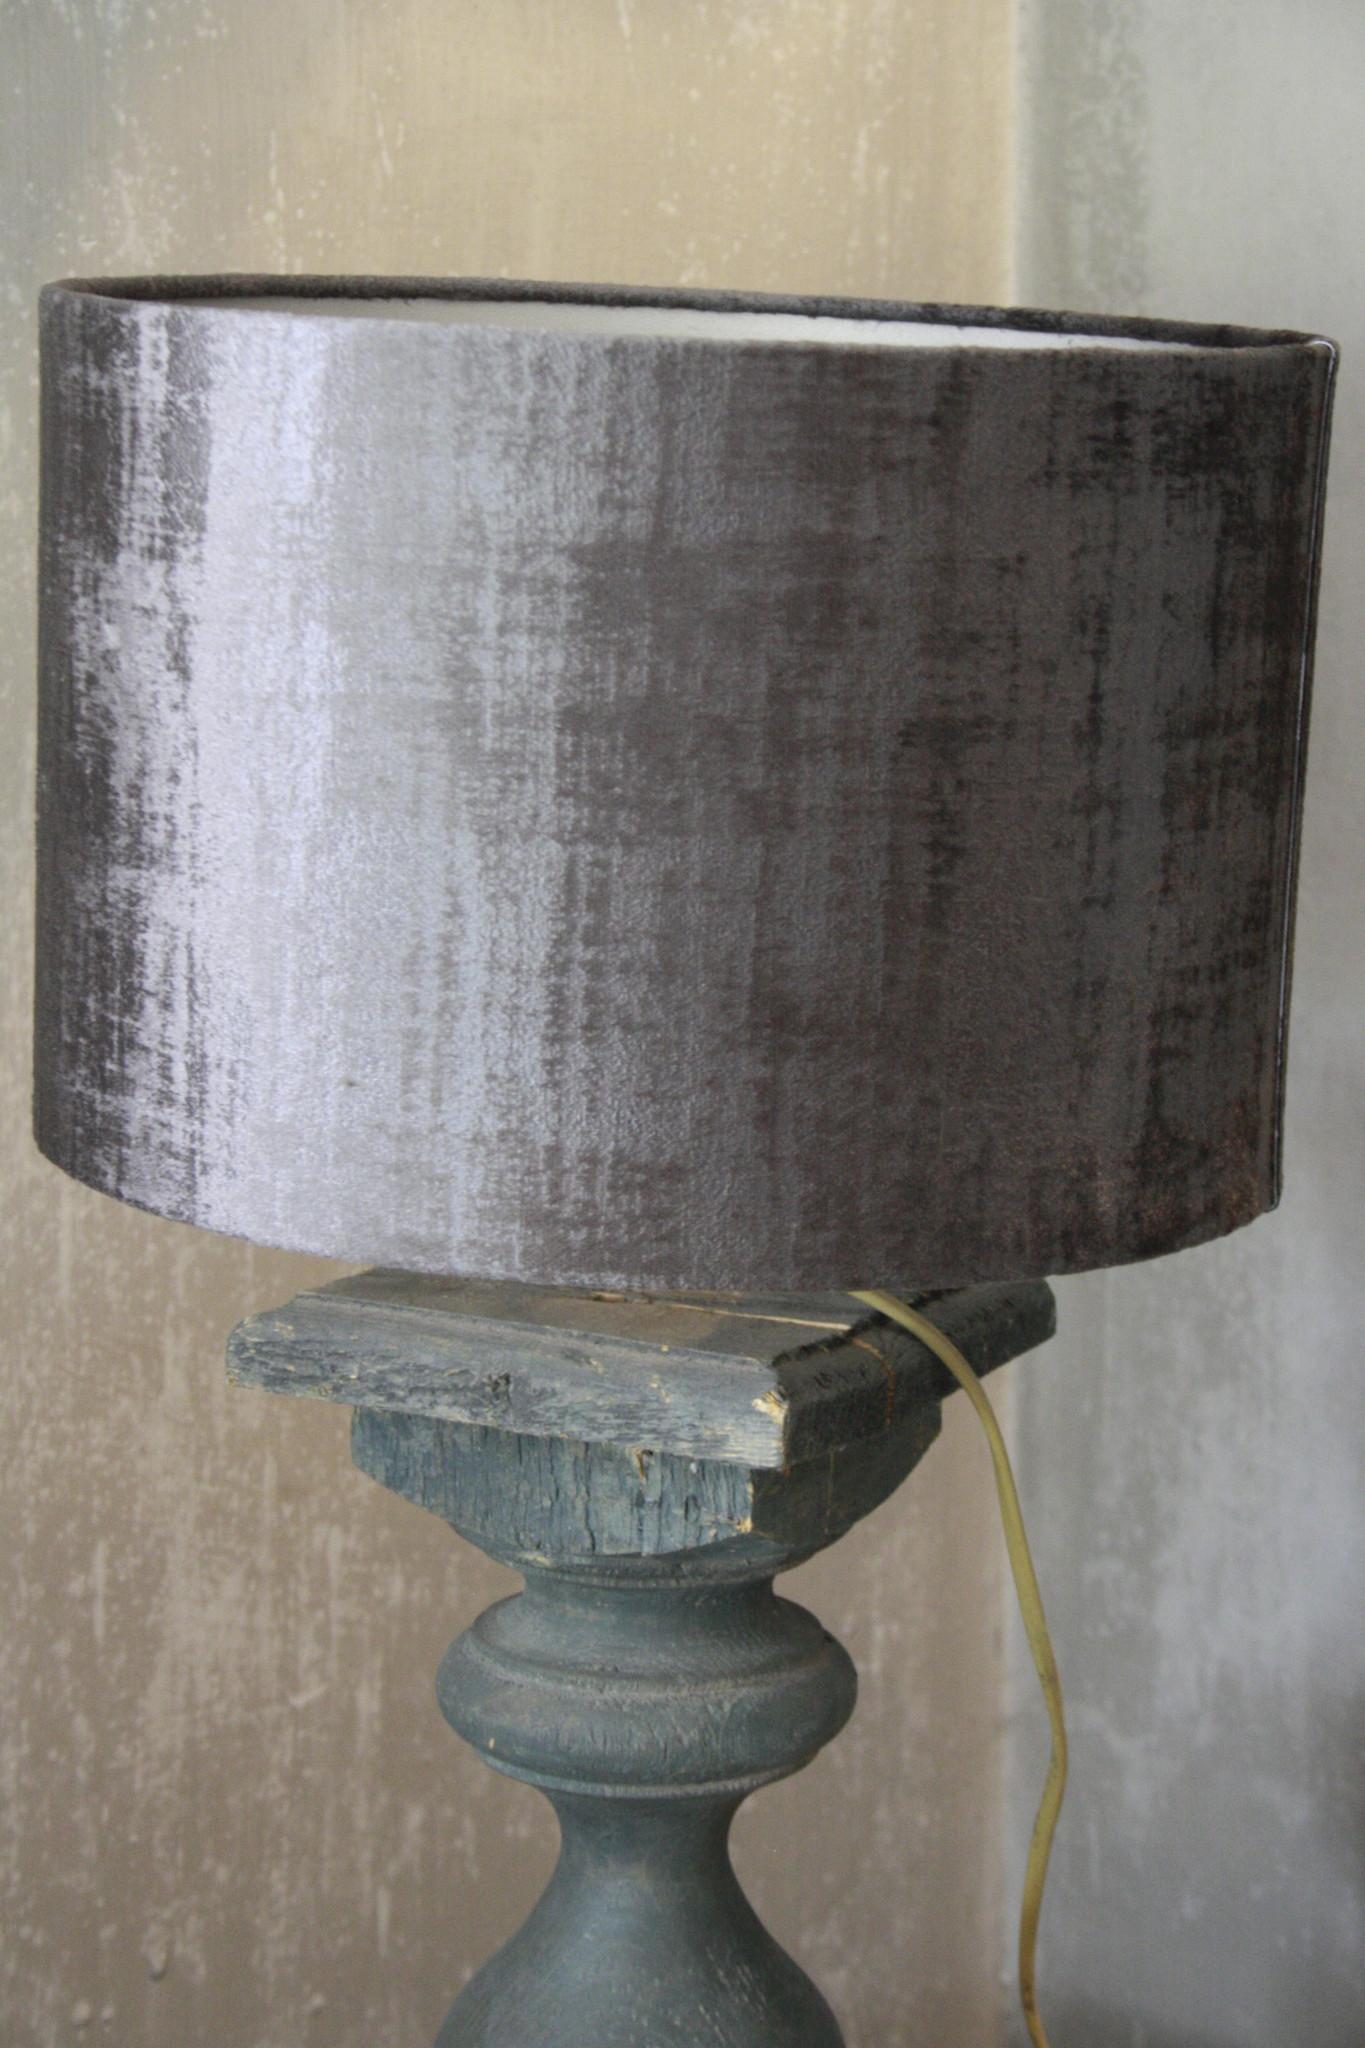 Balusterlamp Oud Hout Groen + kap 60 cm-2